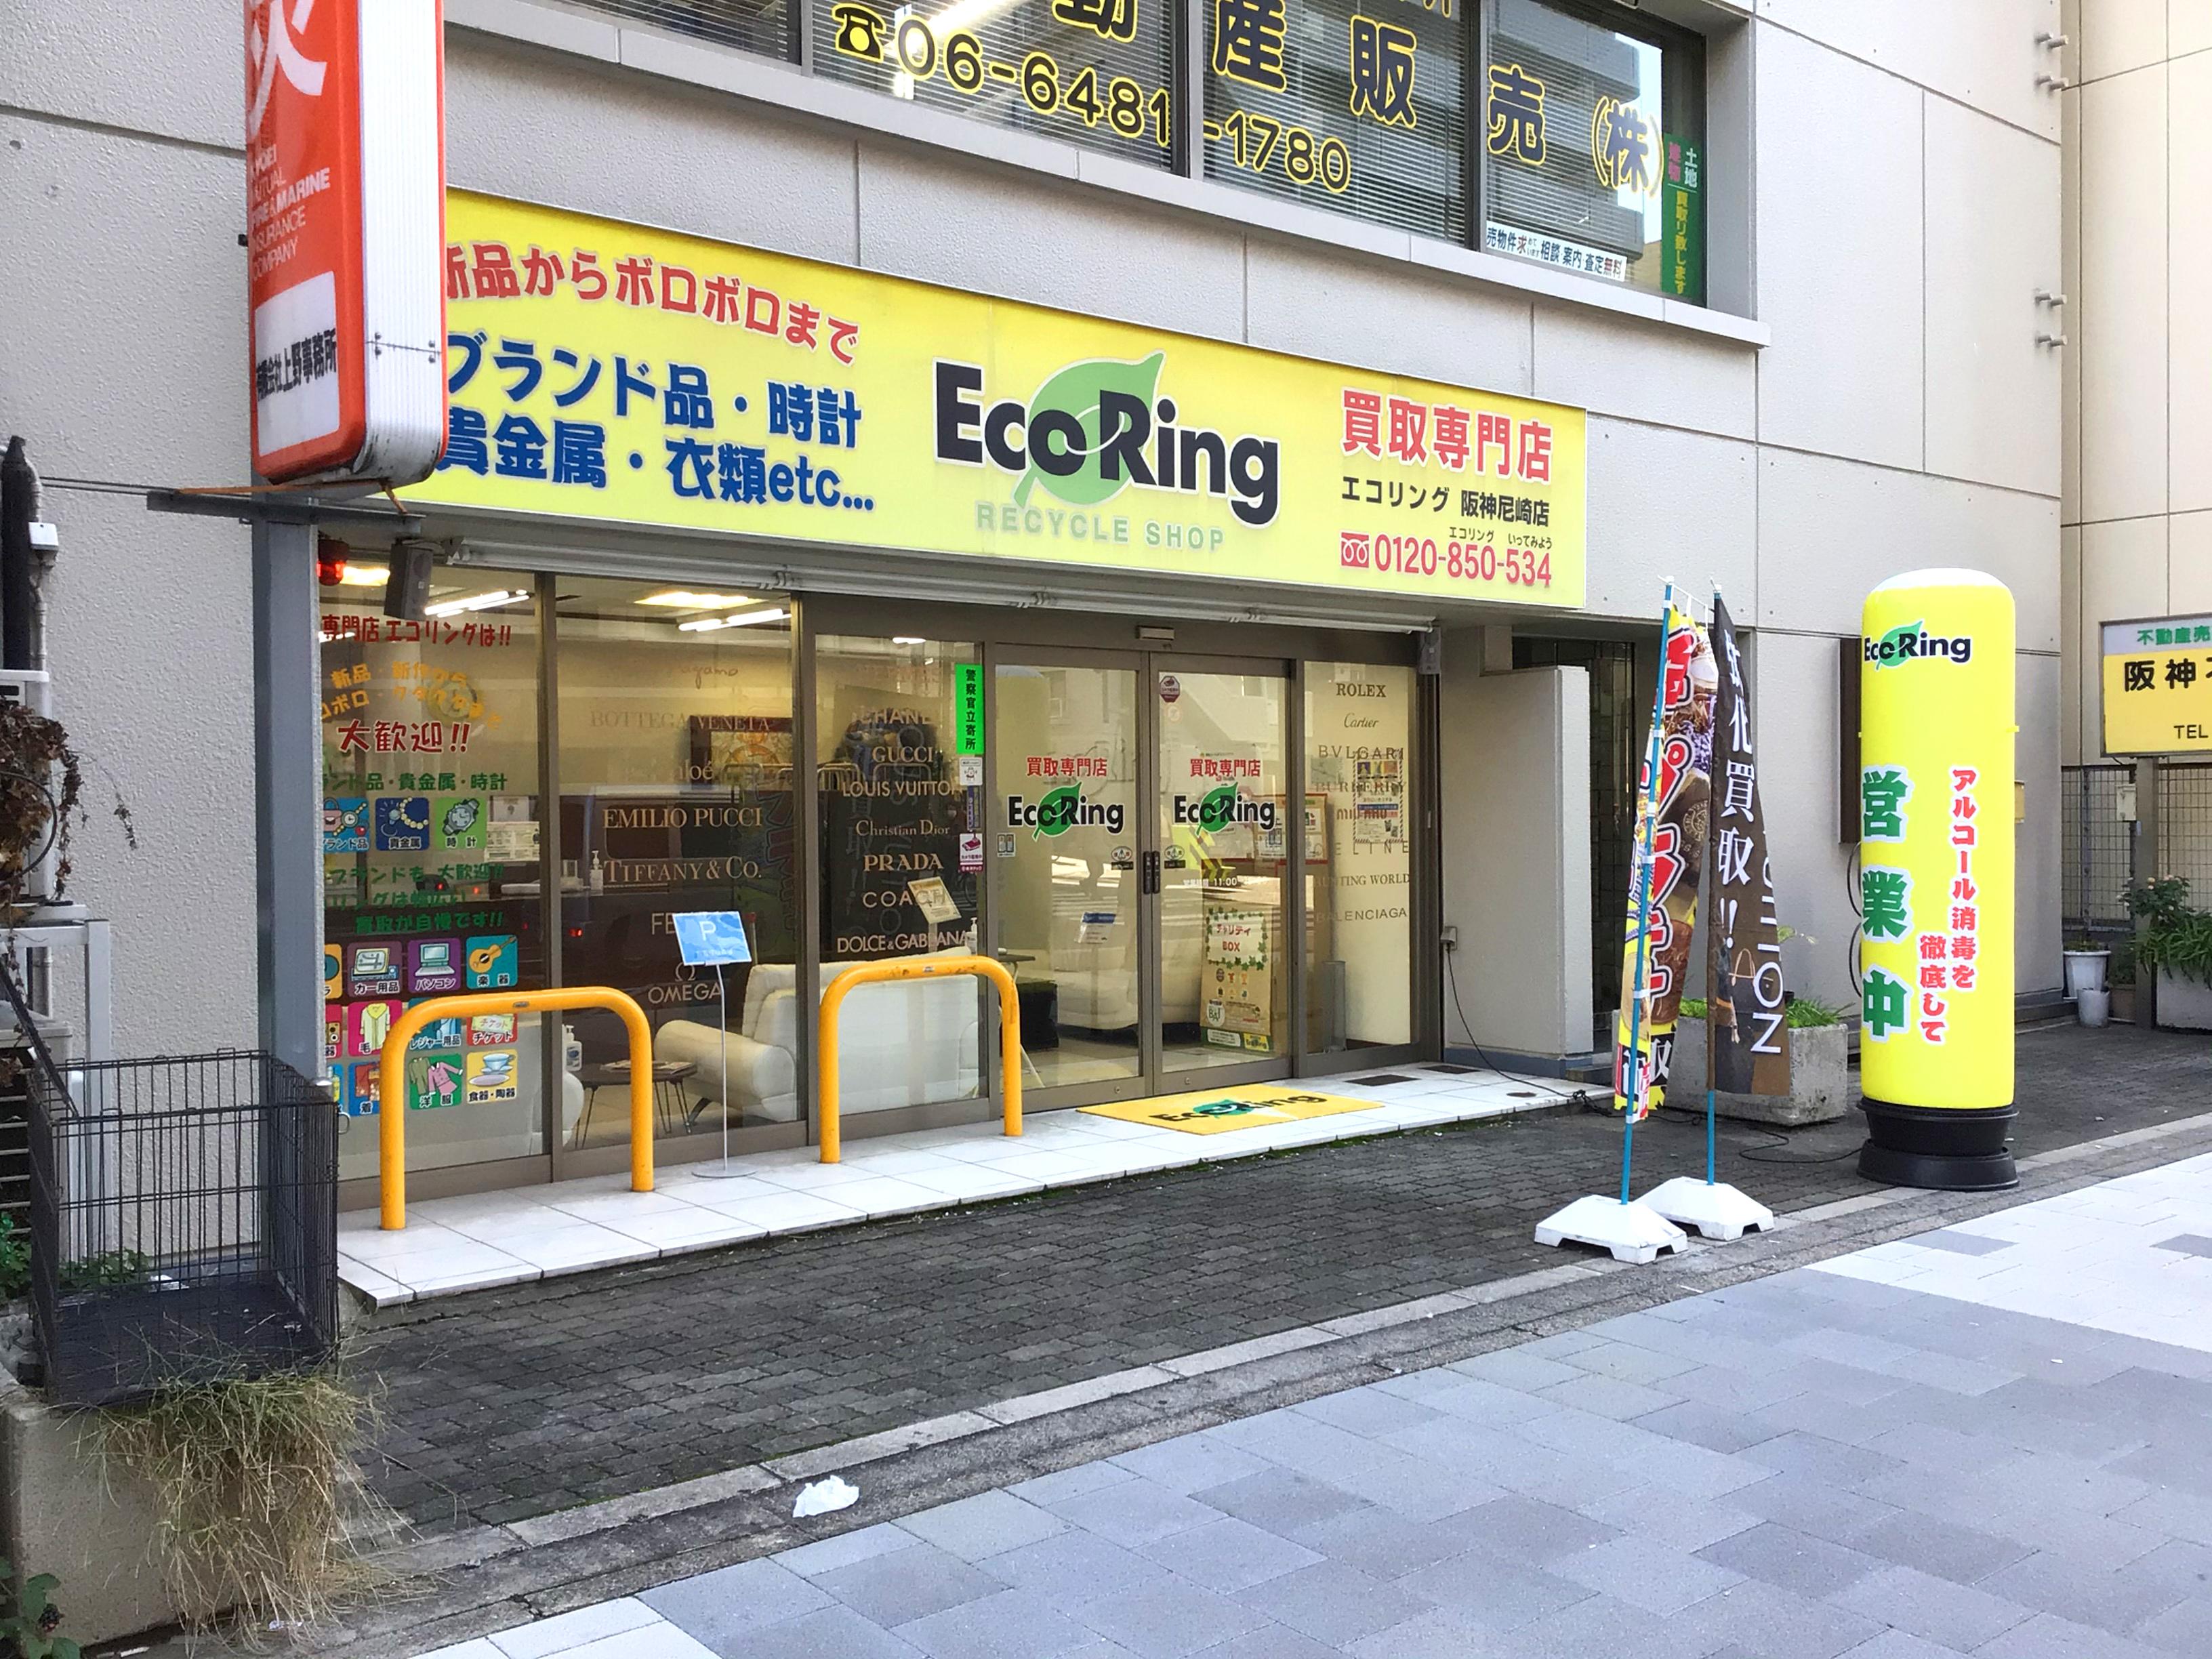 エコリング阪神尼崎店